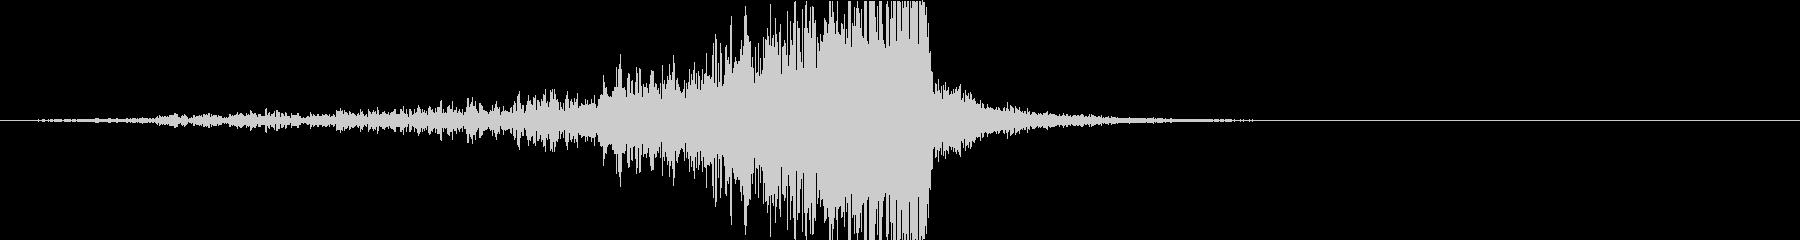 ドラマティックなリバース音40-01の未再生の波形